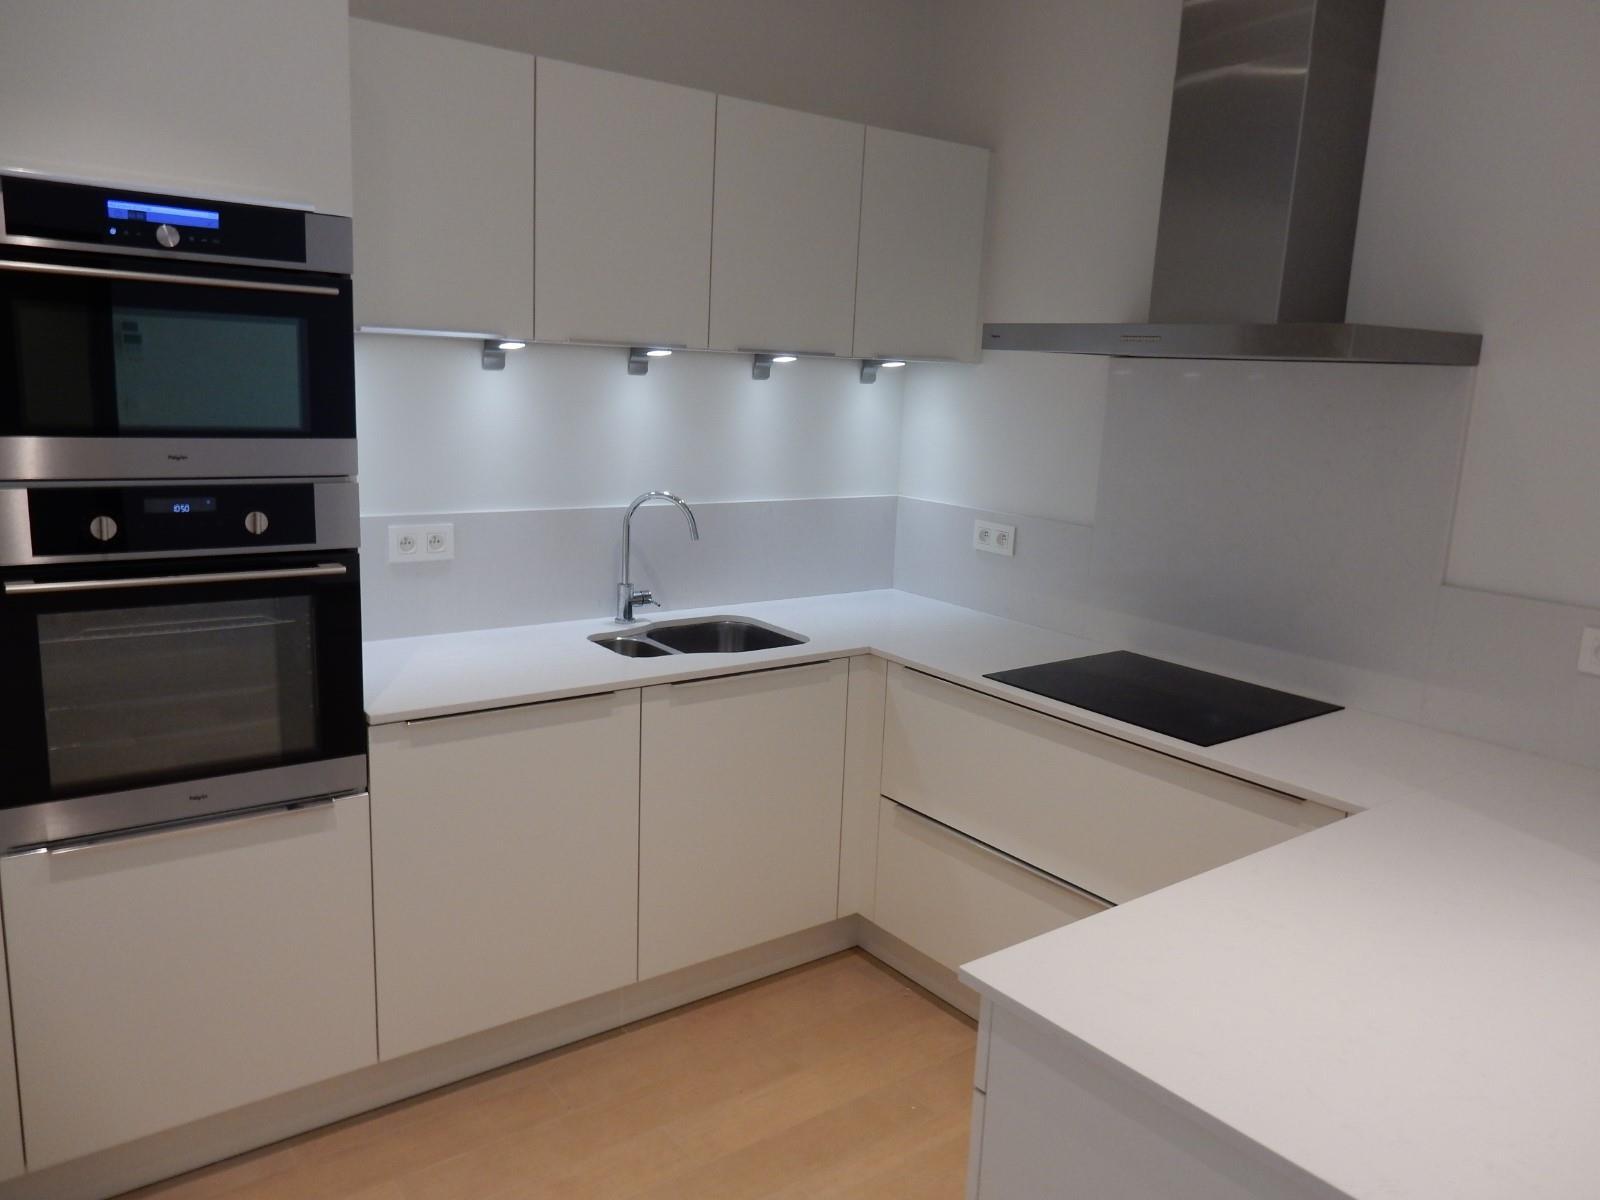 Appartement exceptionnel - Ixelles - #3791385-9